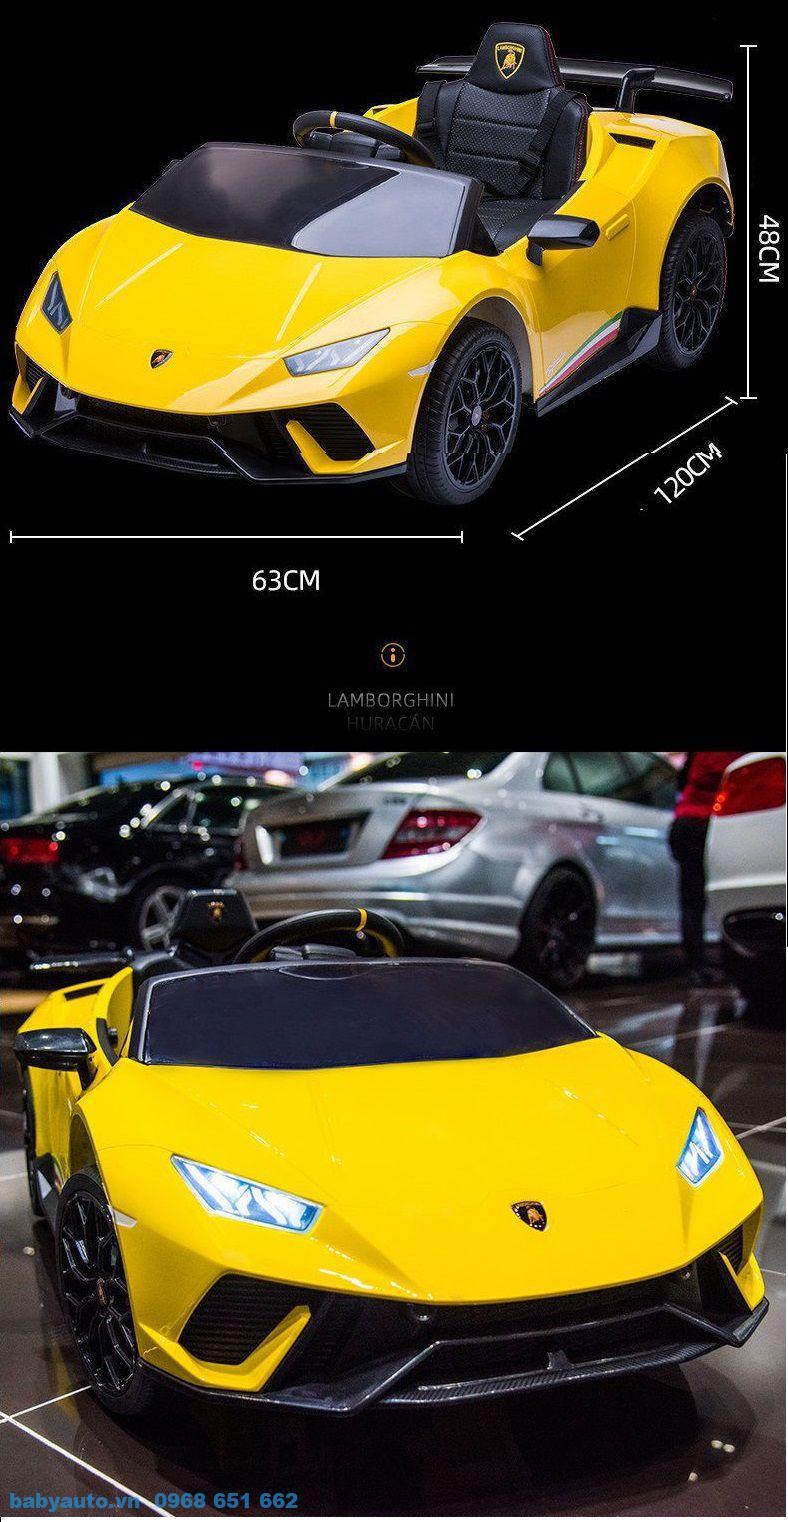 Thông số kỹ thuật của xe ô tô điện trẻ em Lamborghini S308